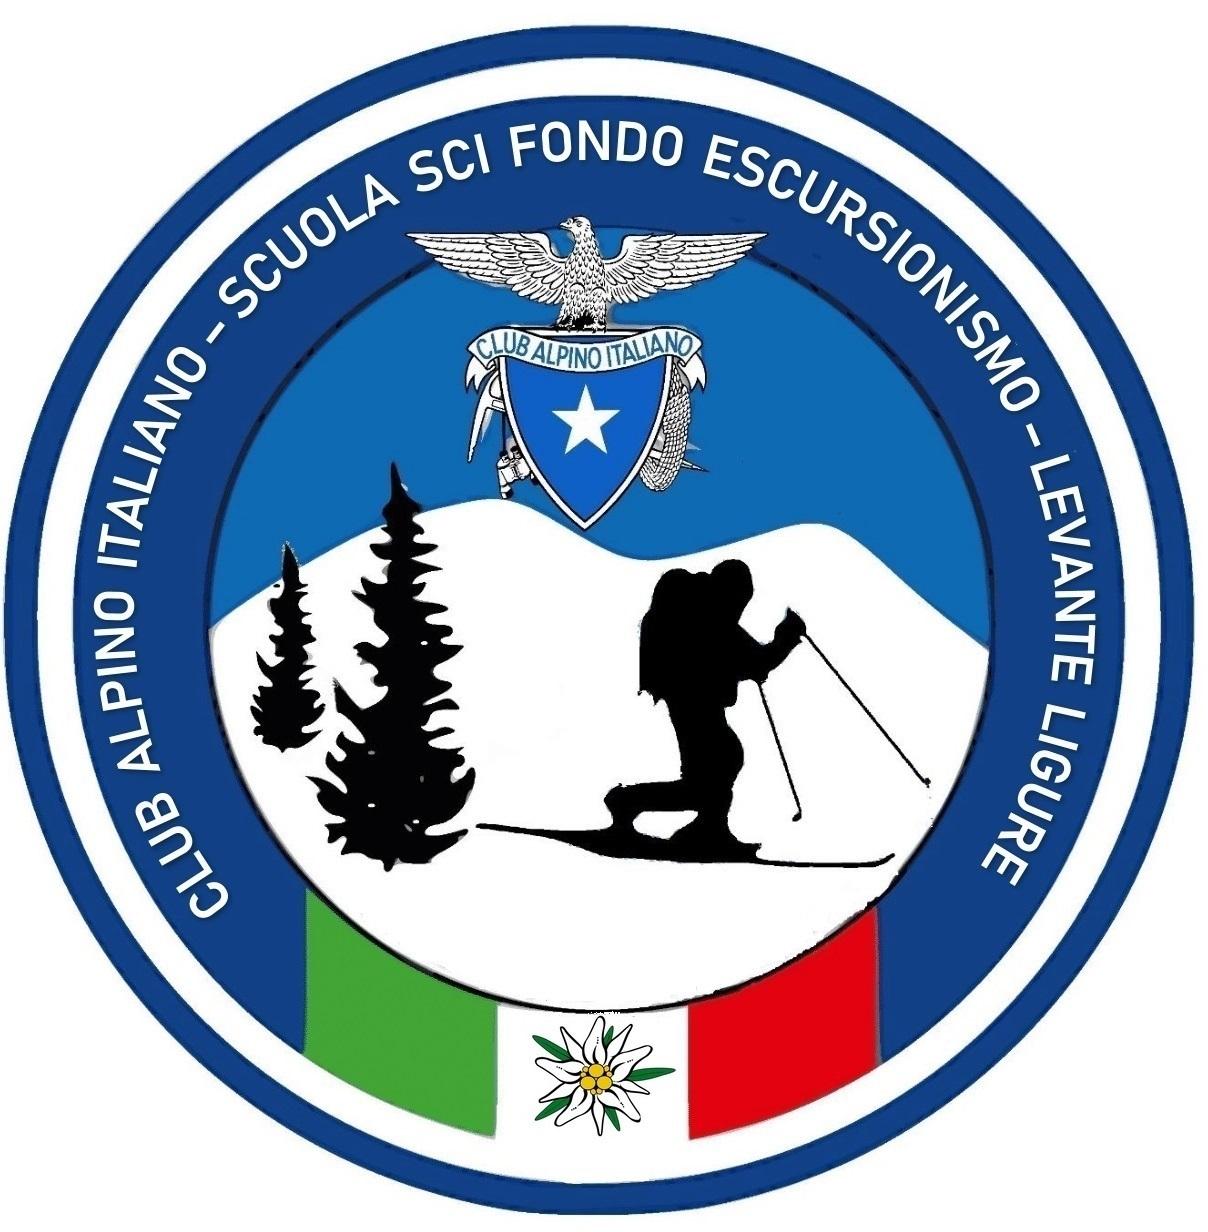 Scuola Sciescursionismo & Telemark CAI Levante Ligure